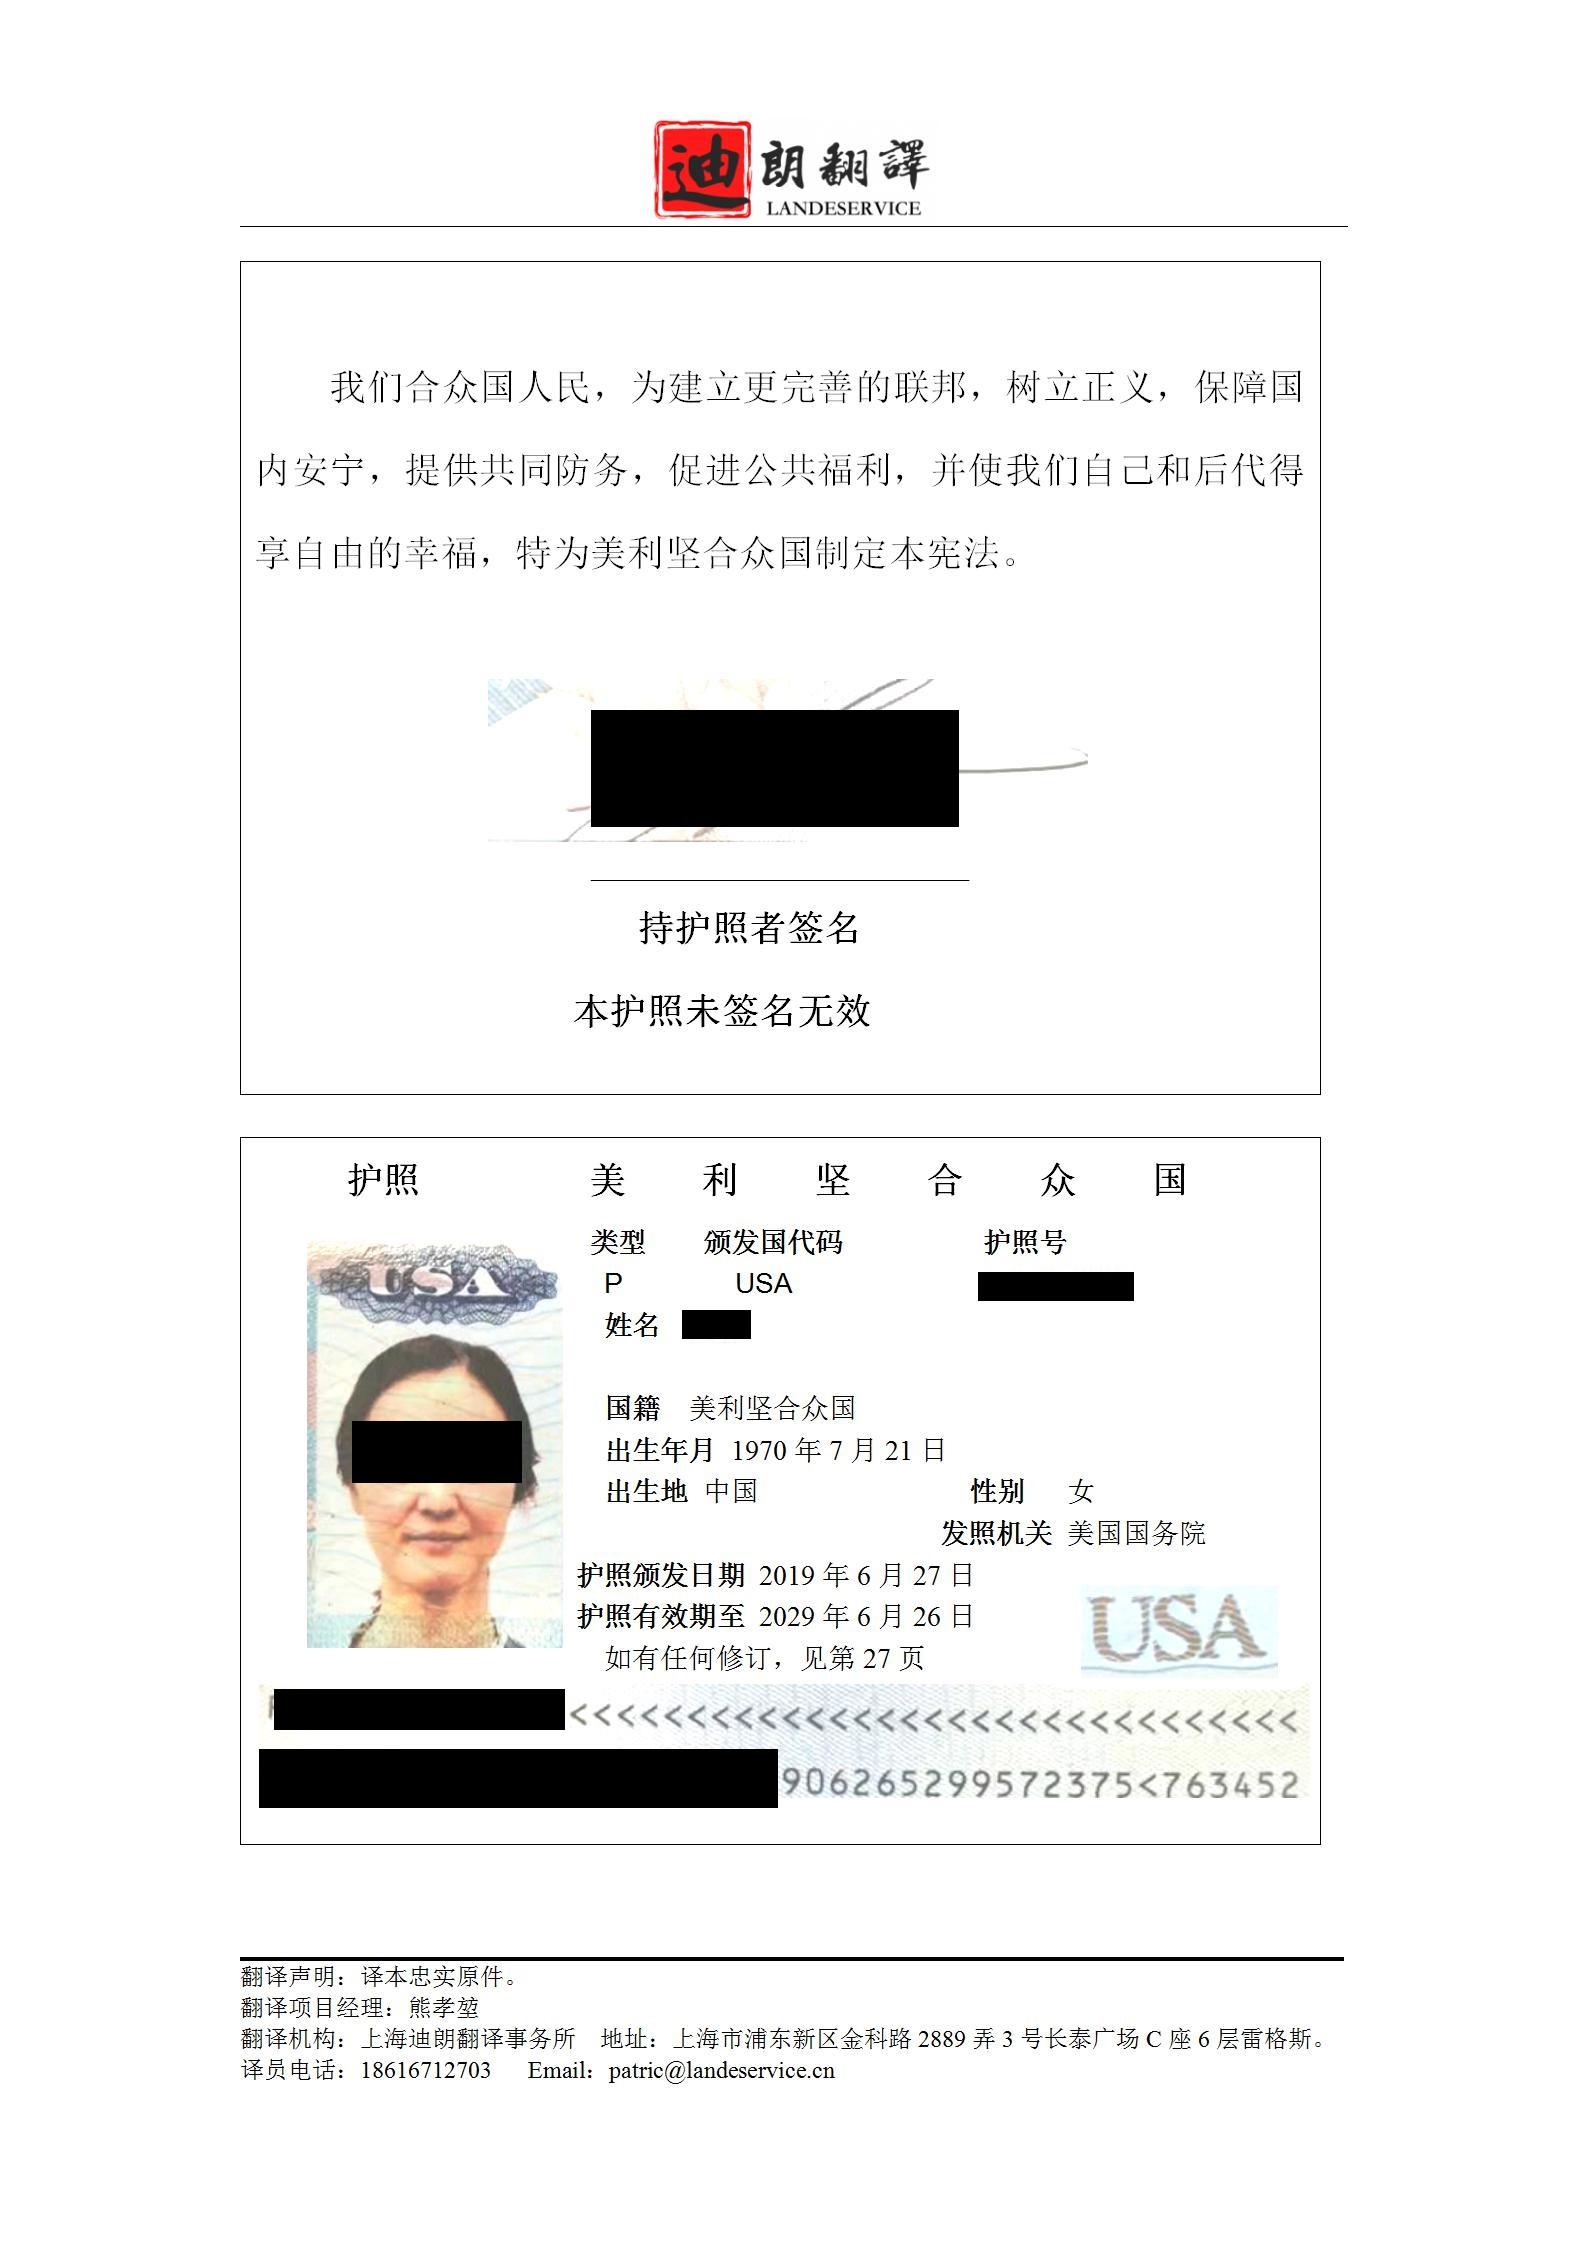 美国护照翻译件jren 01 - 美国护照翻译认证盖章